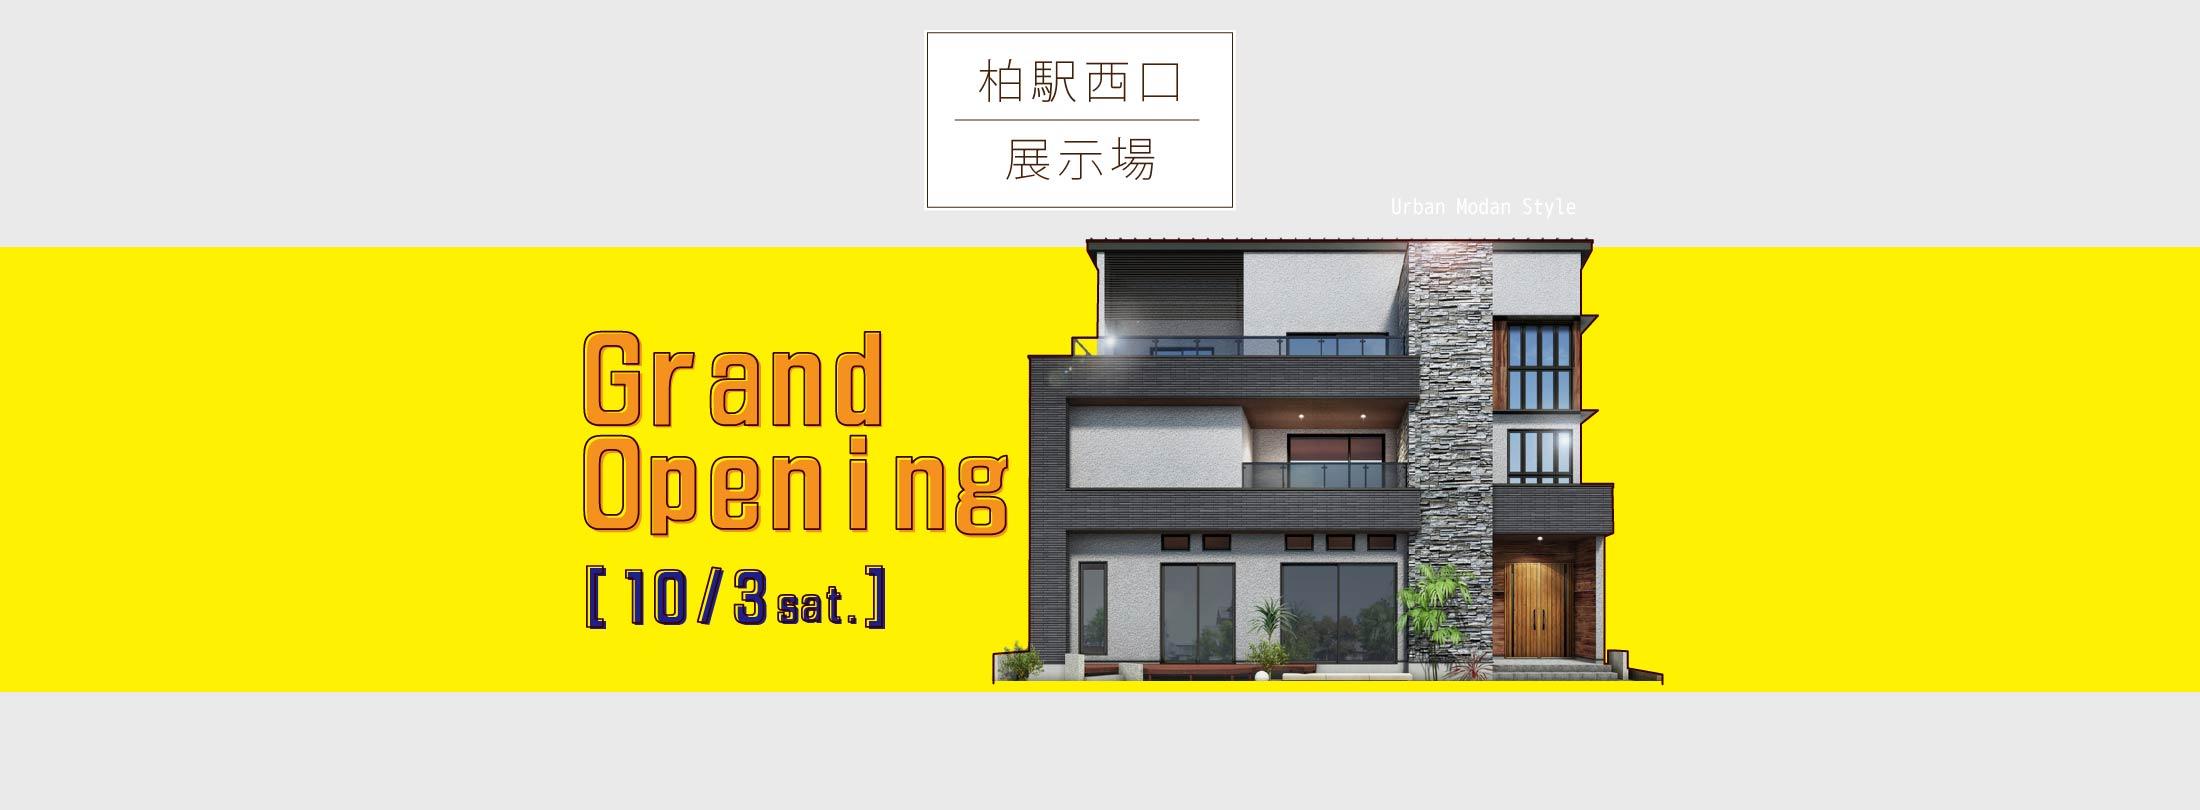 柏駅西口展示場_セナリオハウス_平屋モデルハウス_オープン